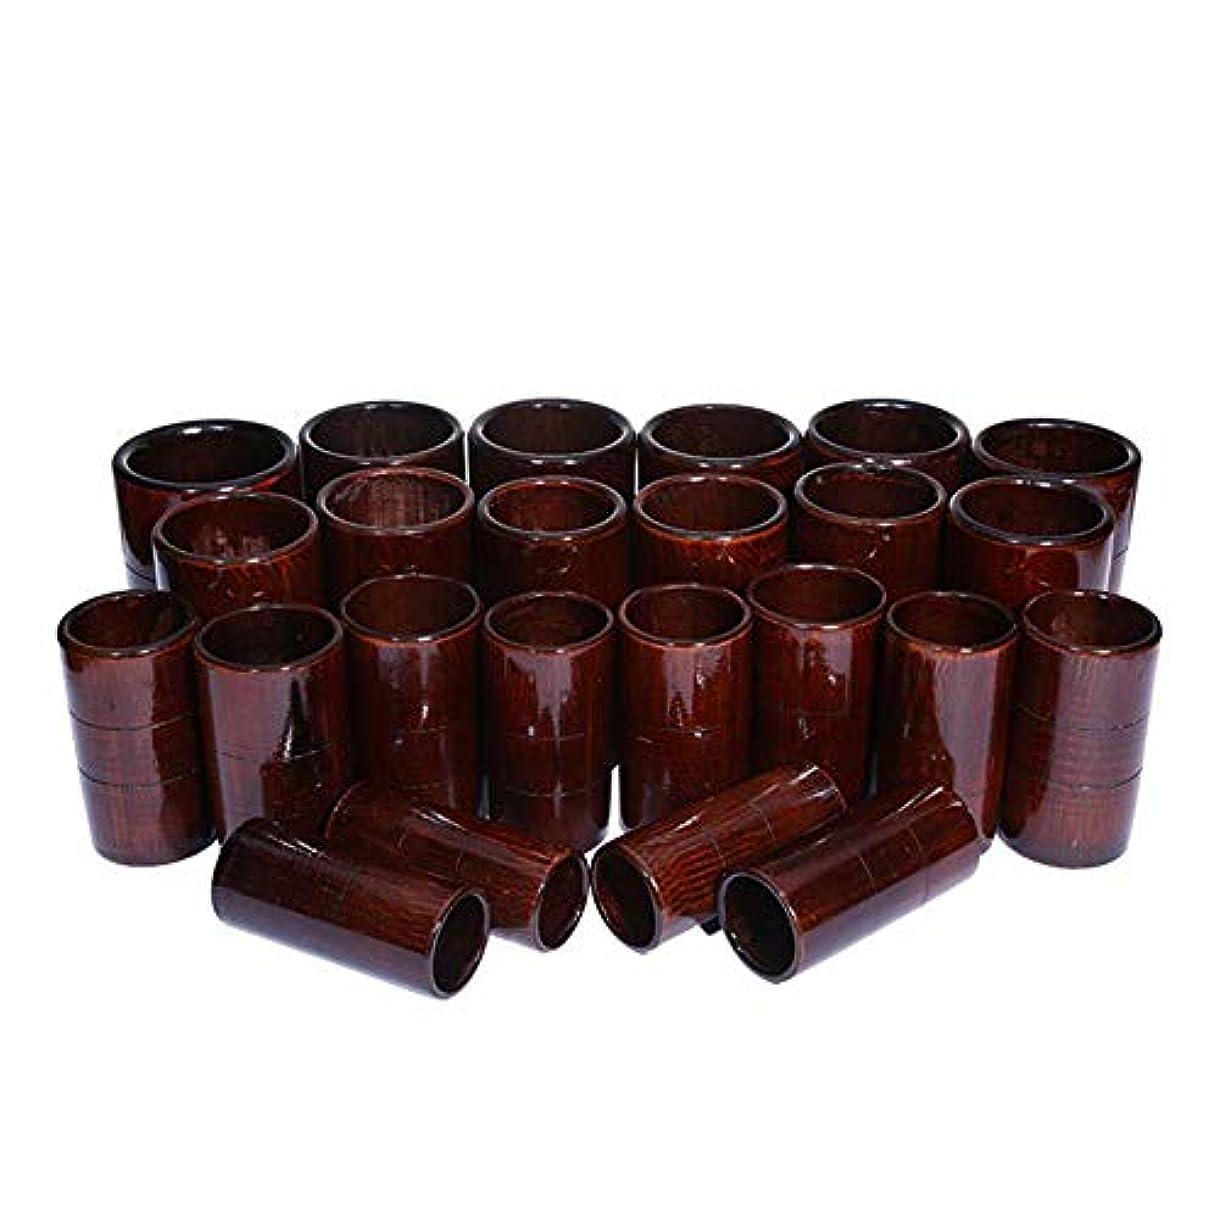 理想的アヒル行カッピング竹鍼治療セットマッサージバキュームカップキットチャコール缶ボディ医療サクションセット,A10pcs